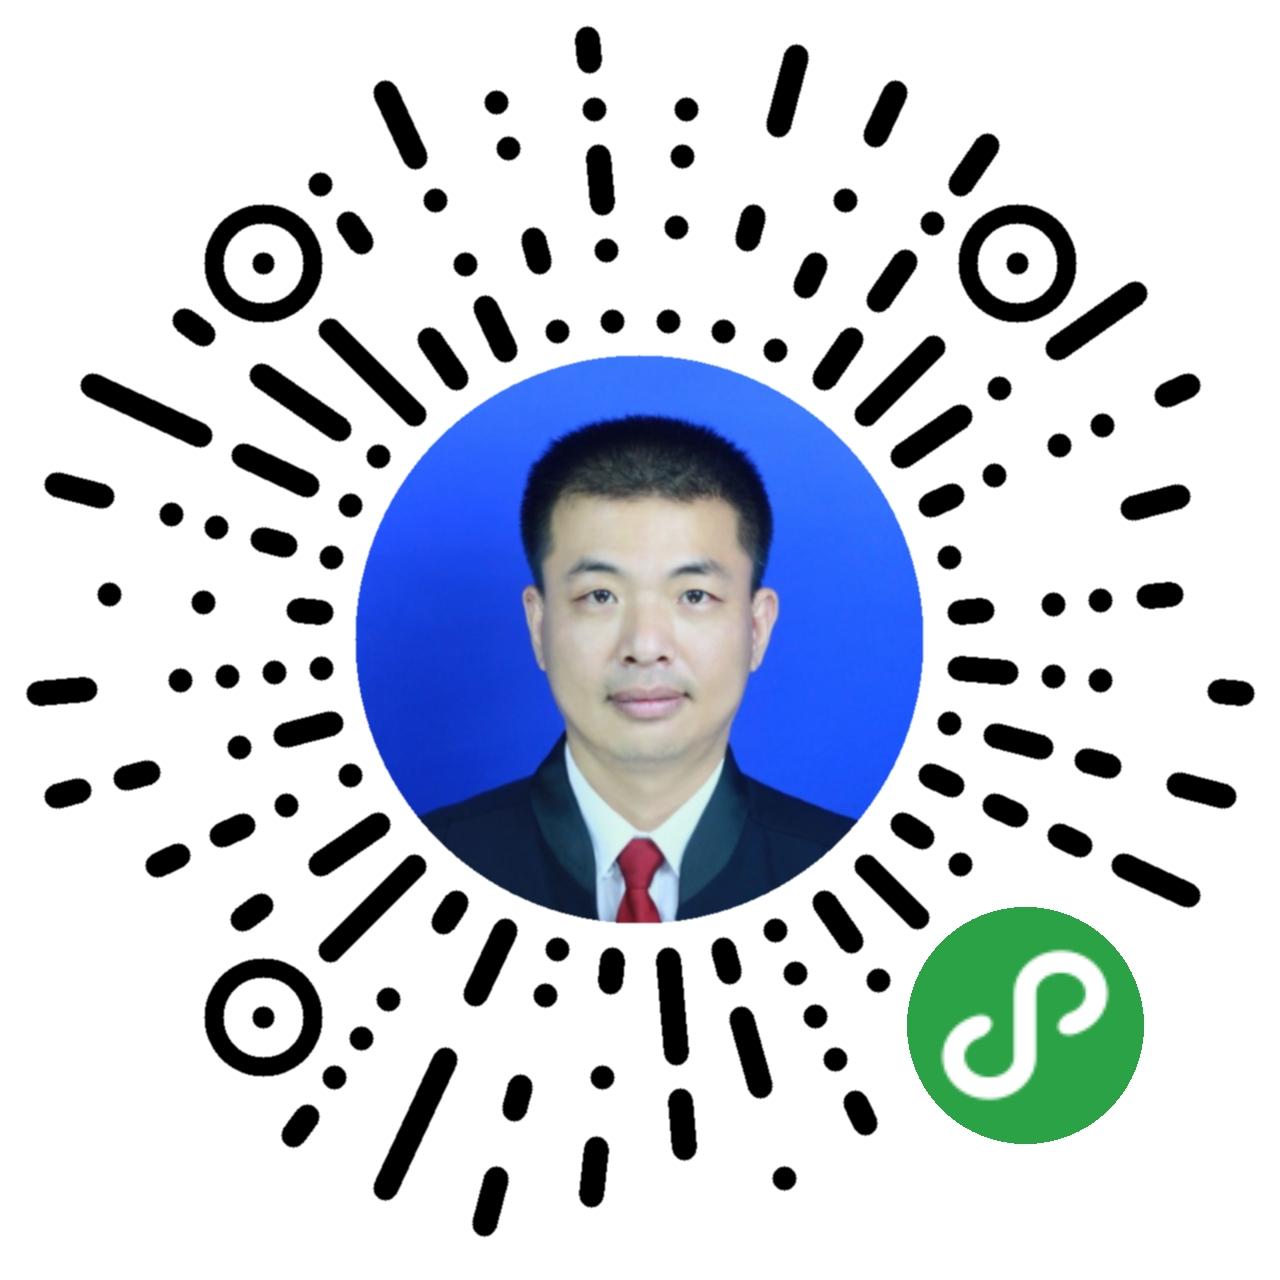 漳州律师林景川二维码